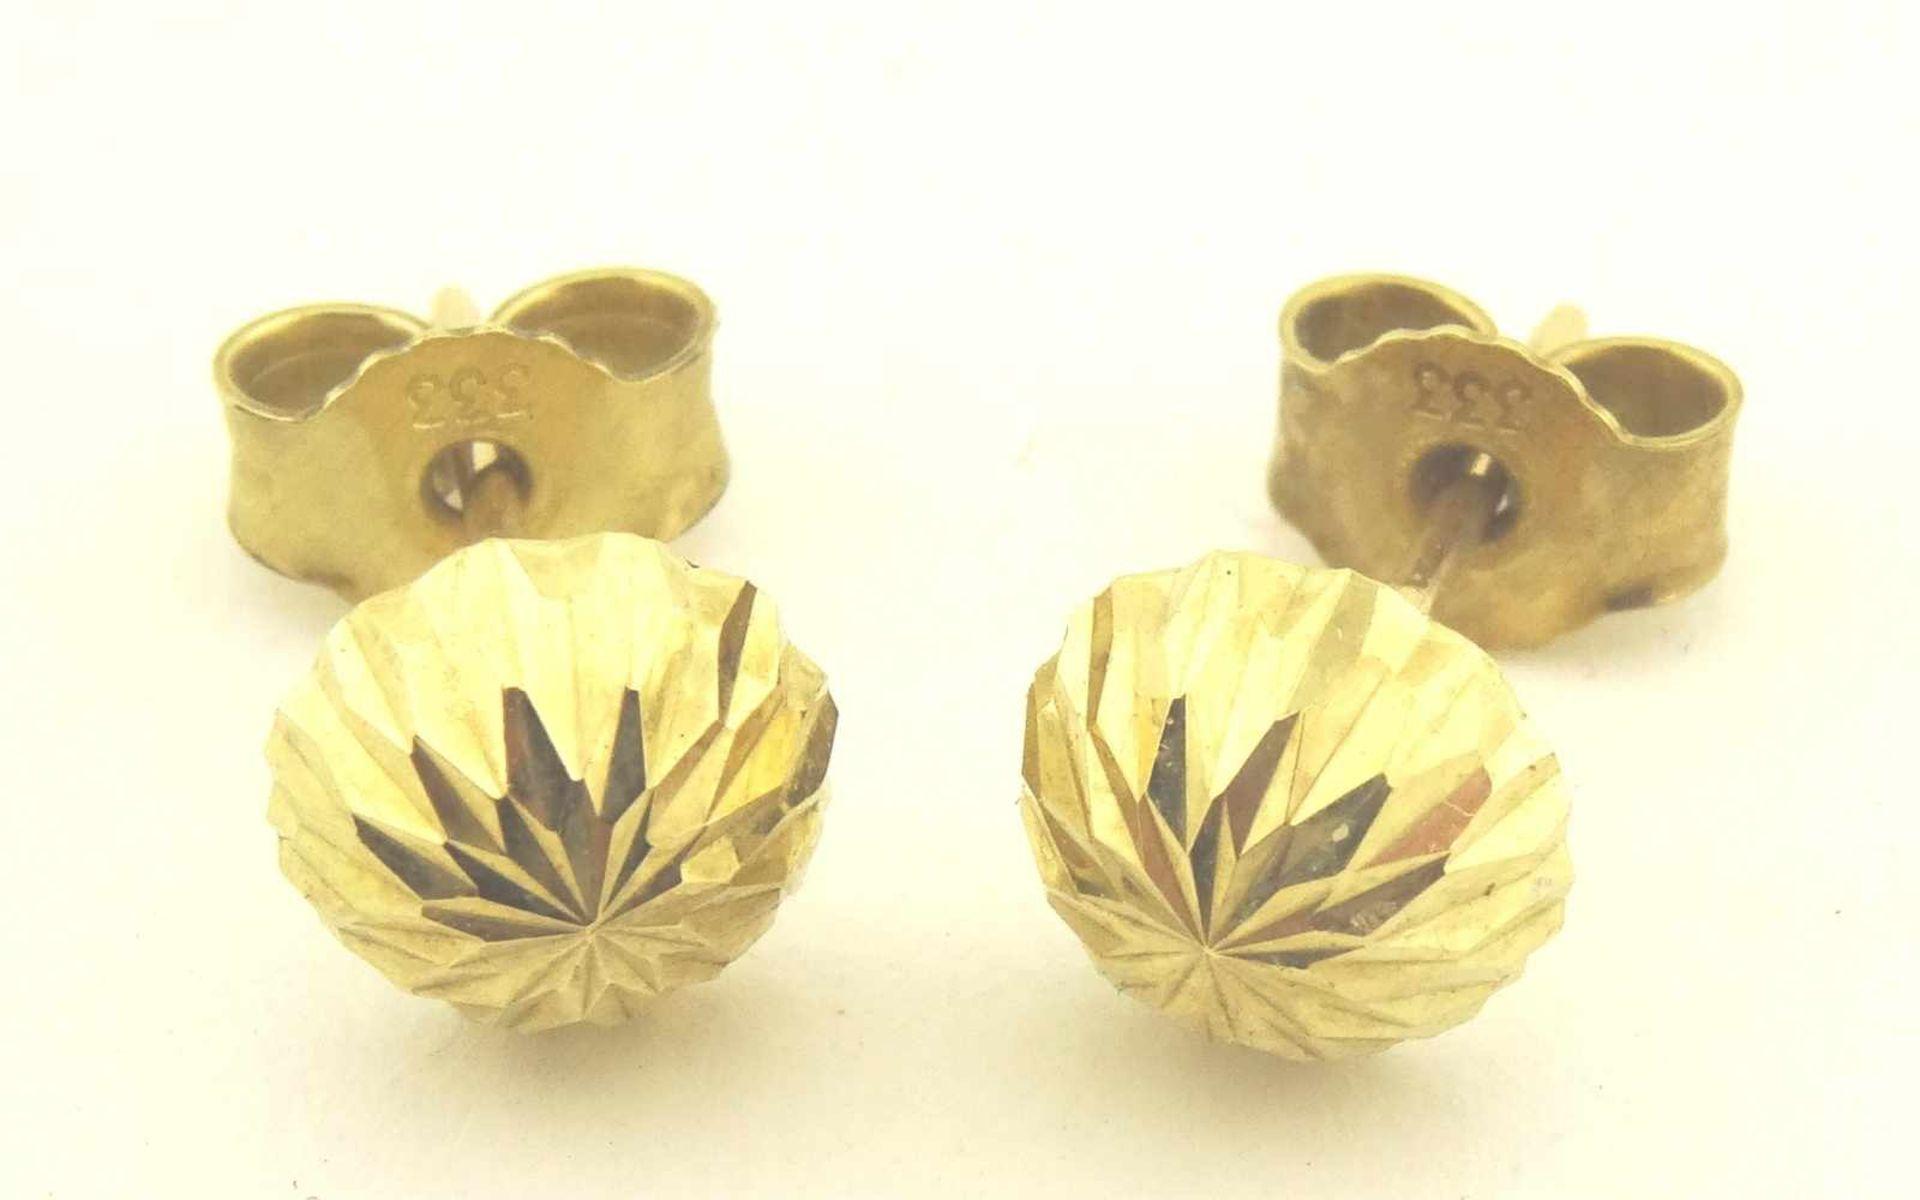 Los 41 - Ohrstecker 333 Gold diamantiert Durchmesser ca. 7mm, verbödet, Gewicht ges. ca. 0,7g